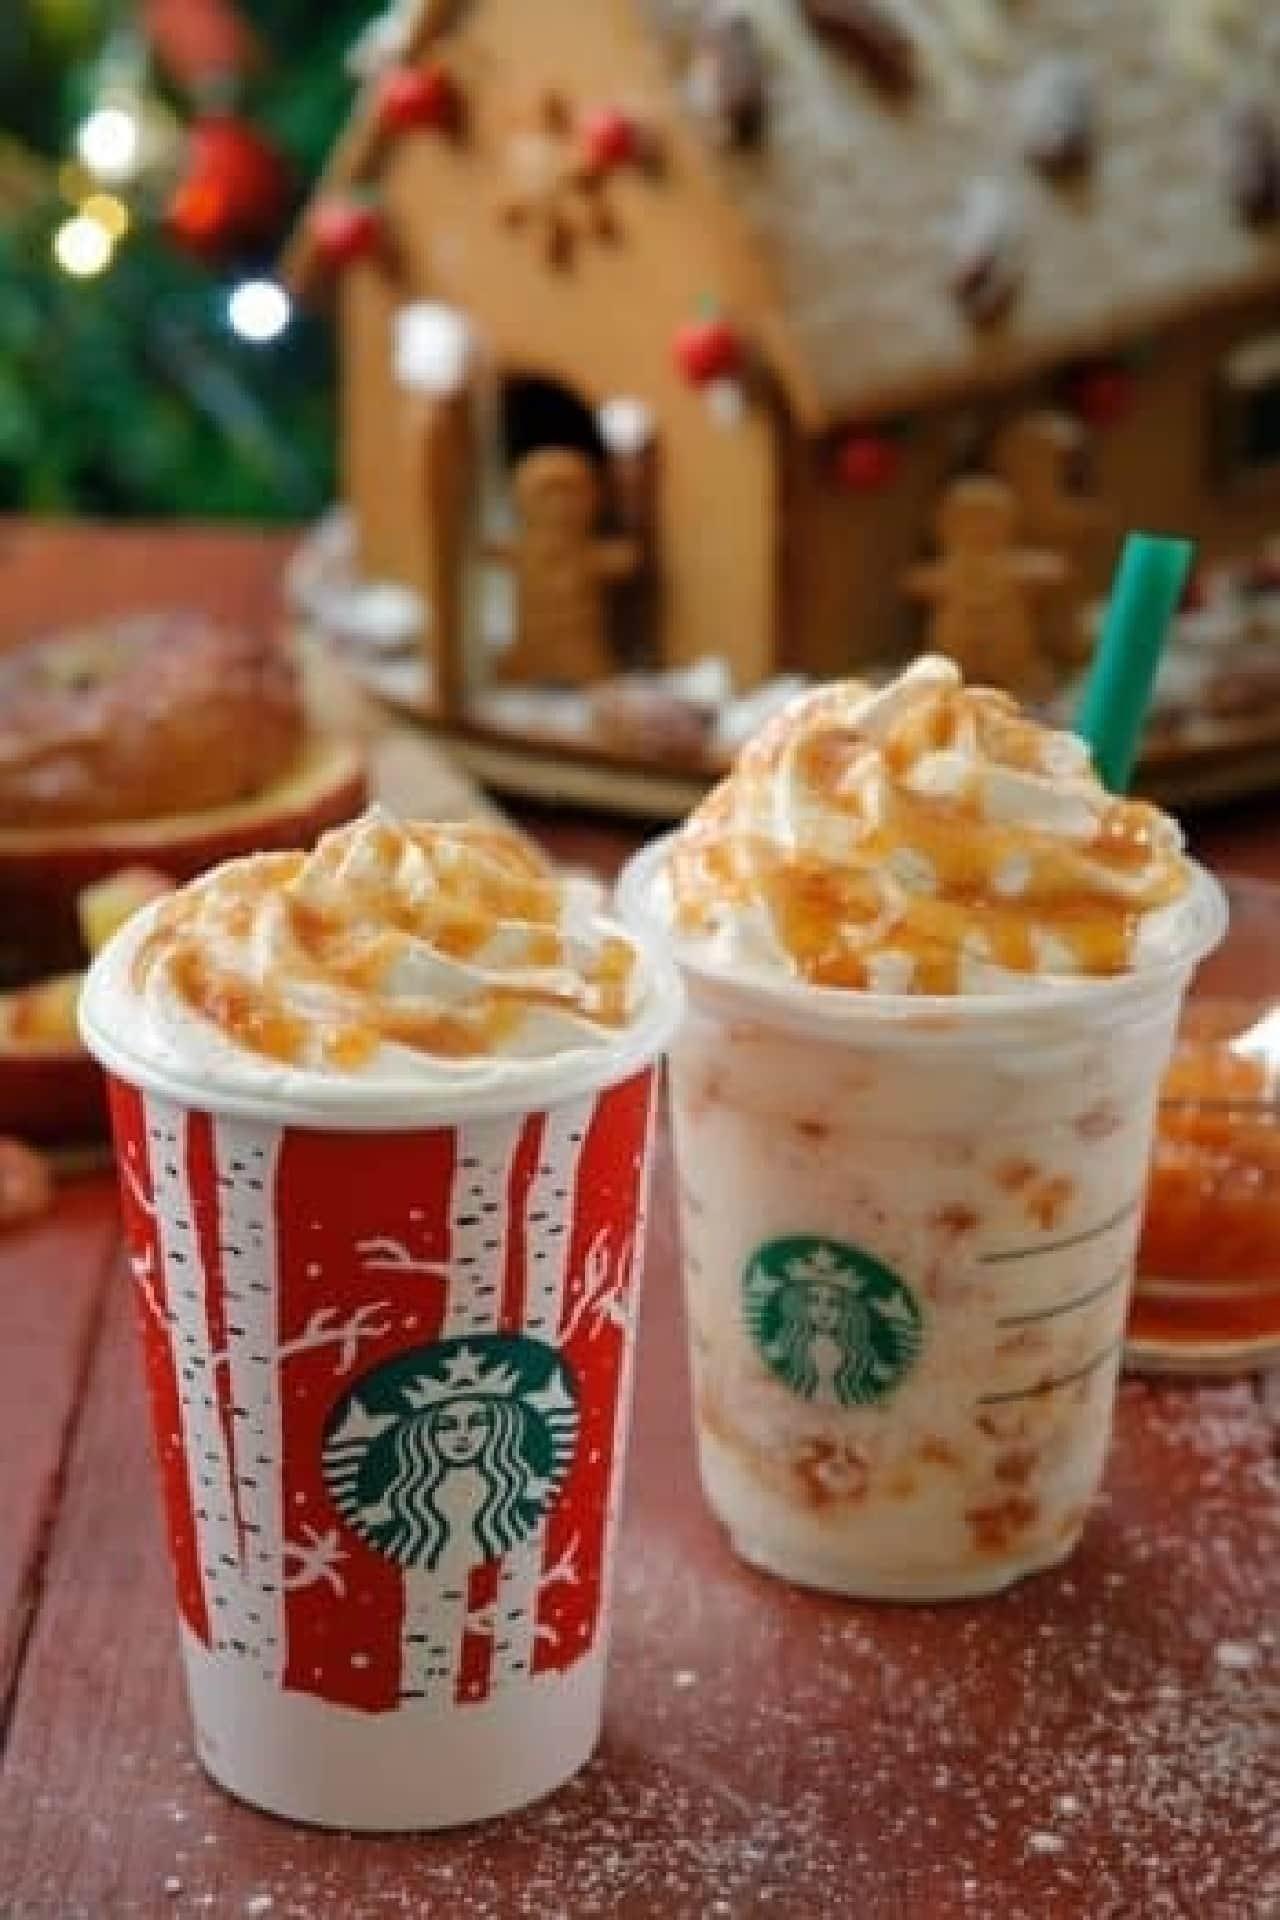 スターバックス コーヒー「ホット ベイクド アップル」と「ベイクド アップル フラペチーノ」